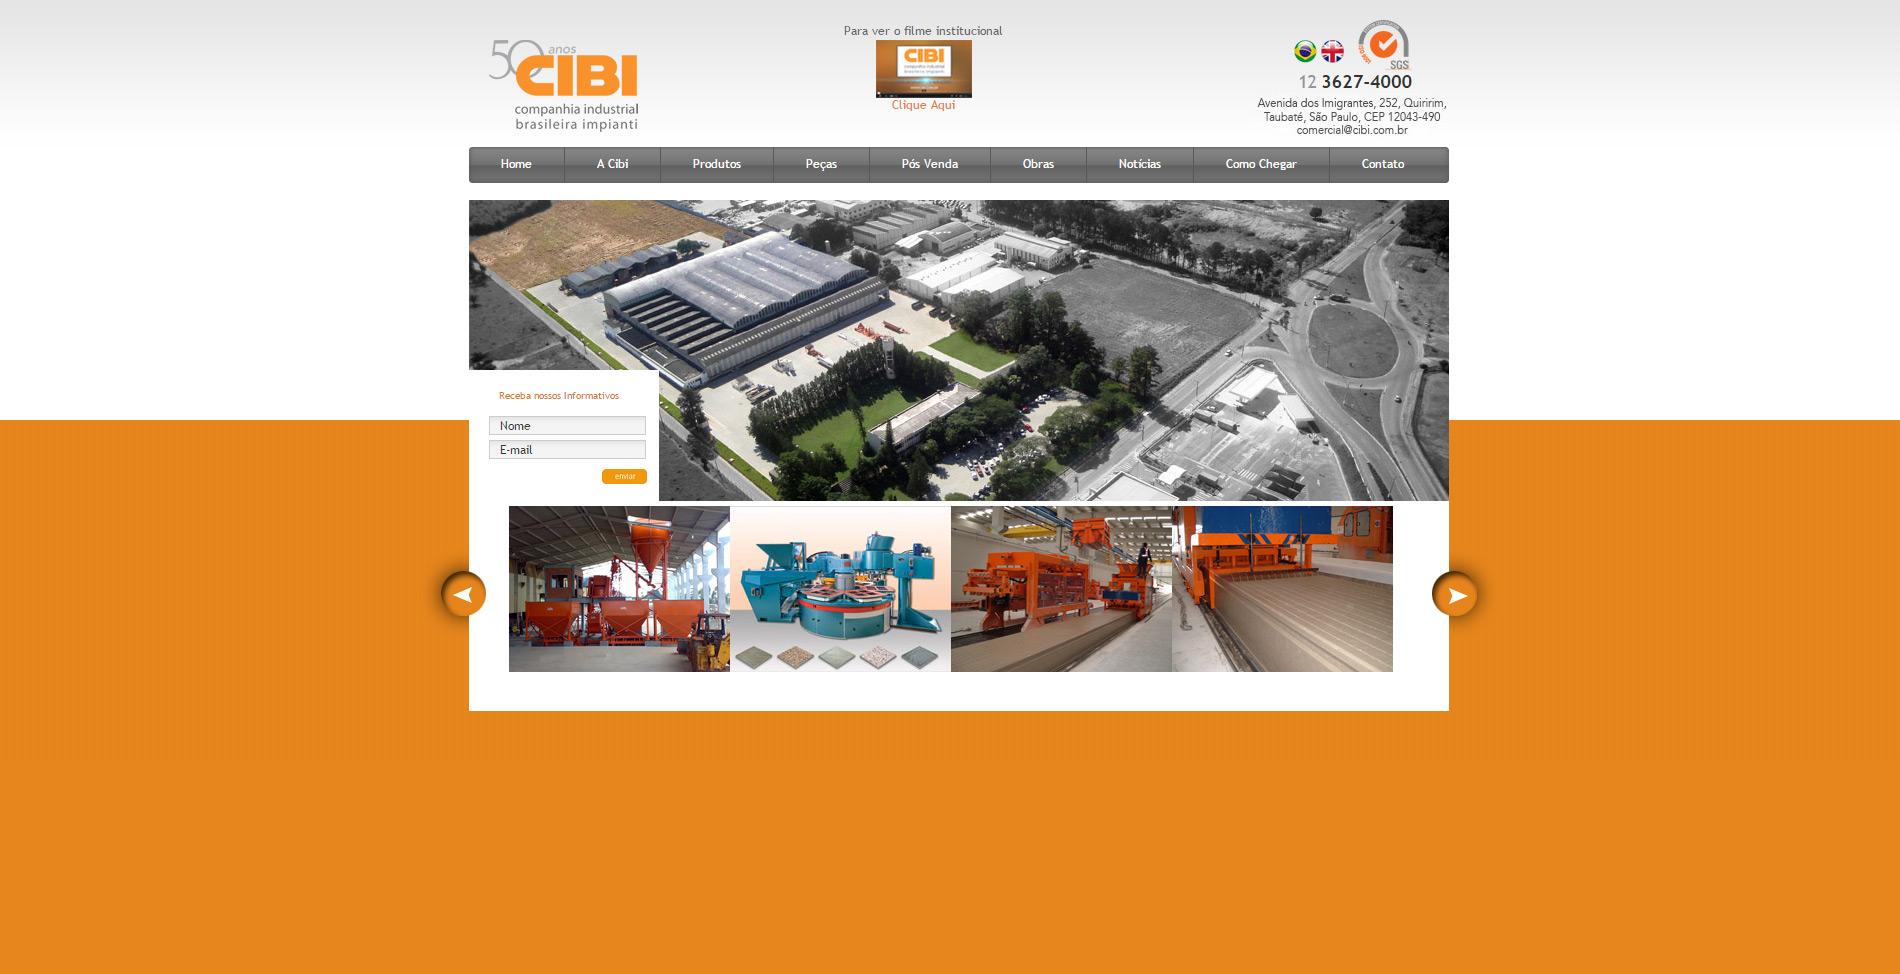 Institucionais-CIBI